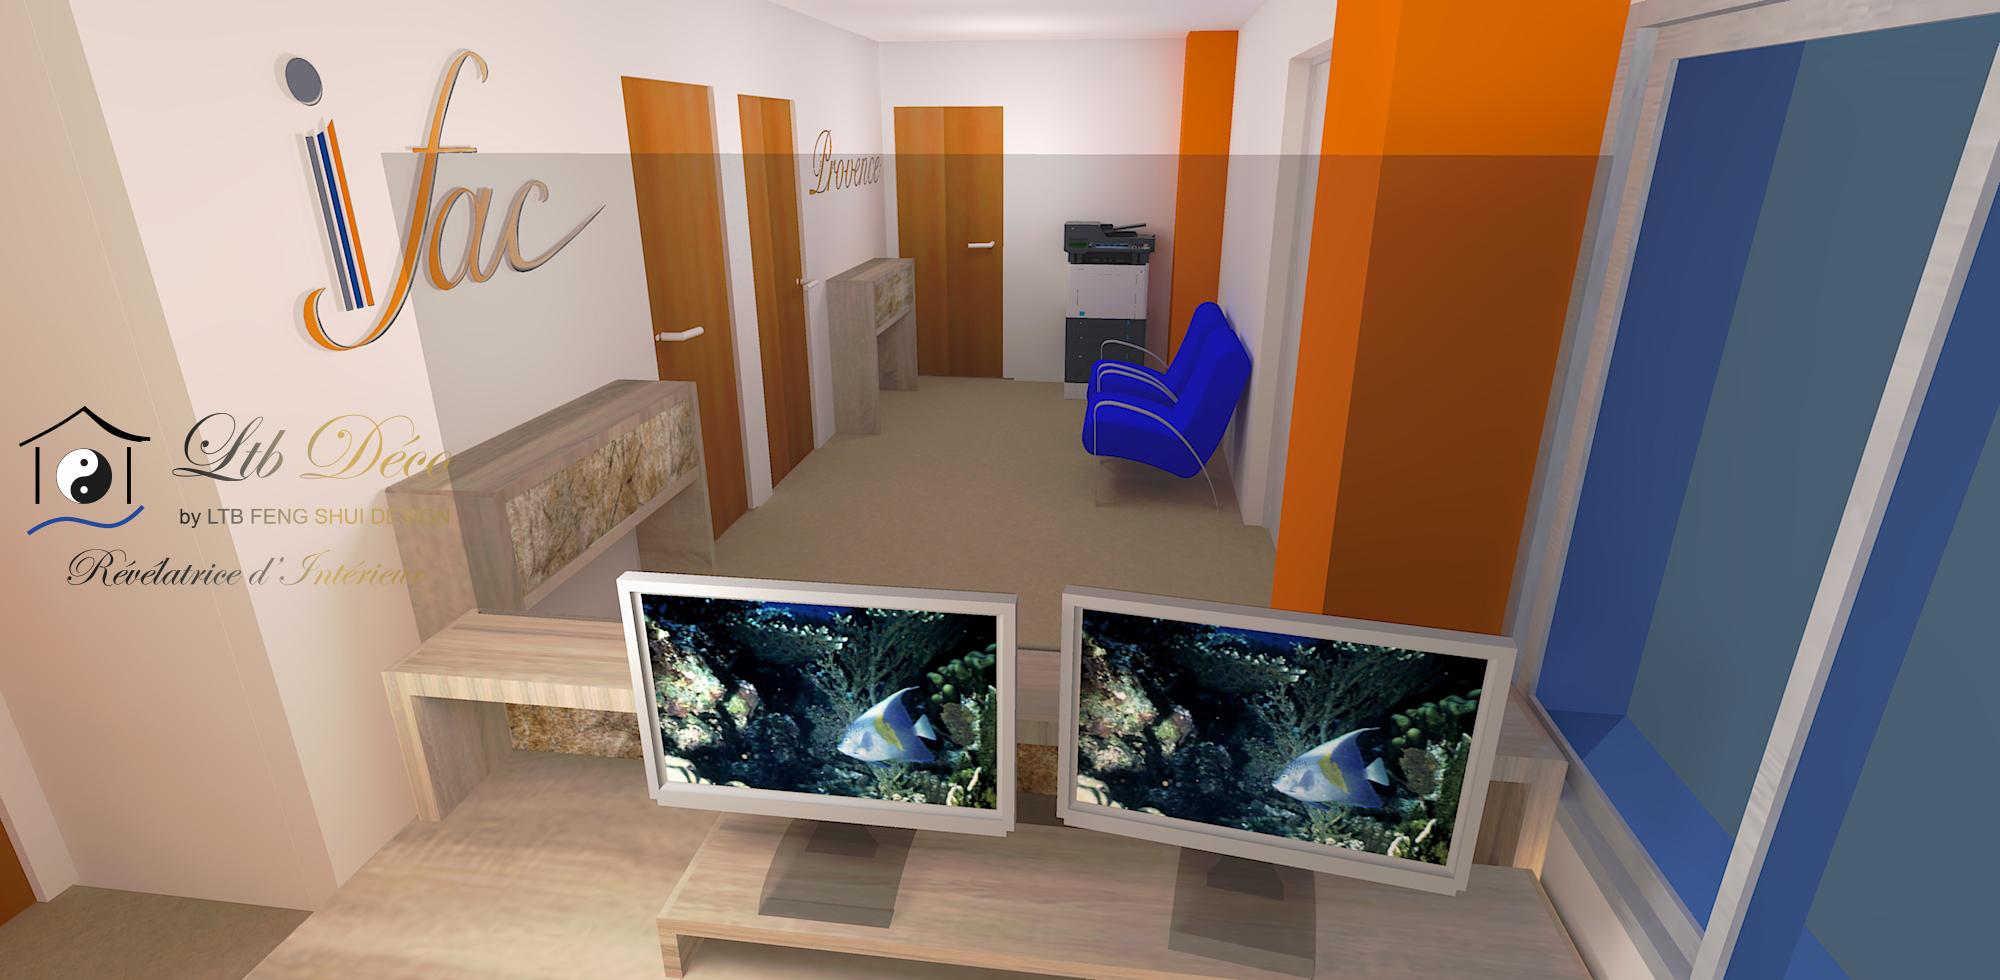 Visuel 3D présentation du projet de décoration d'intérieur